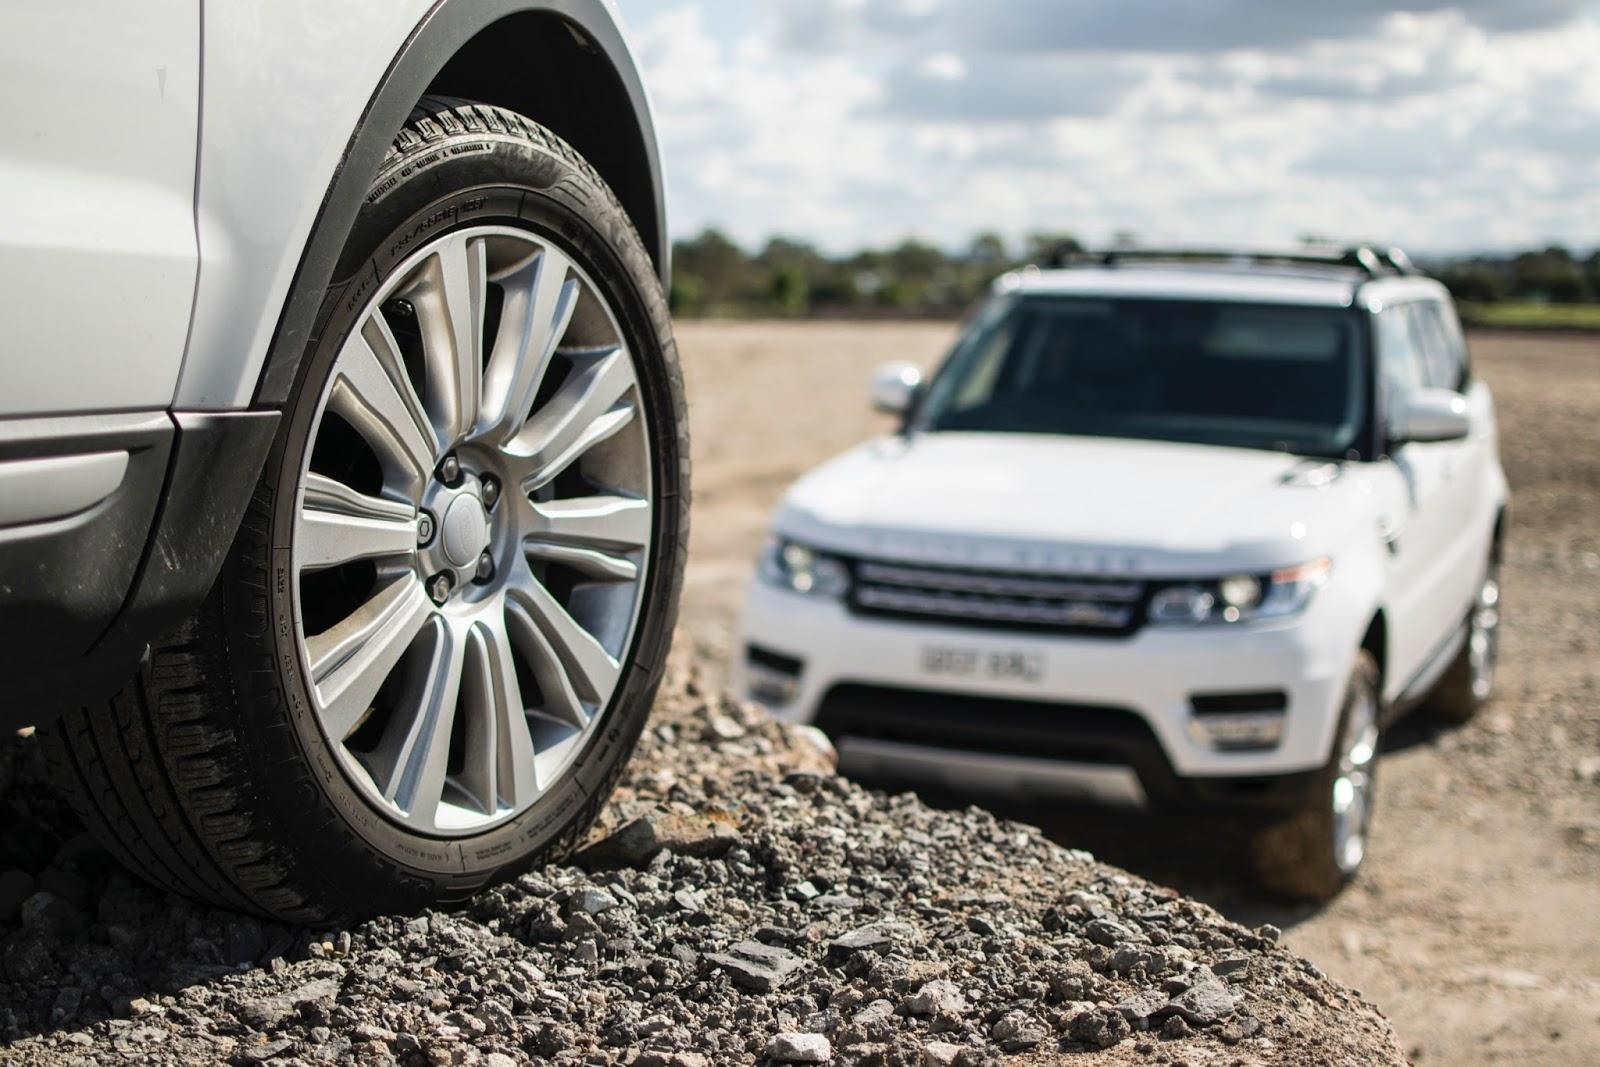 Khả năng offroad của xe cũng thuộc hàng đáng nể, không có đối thủ